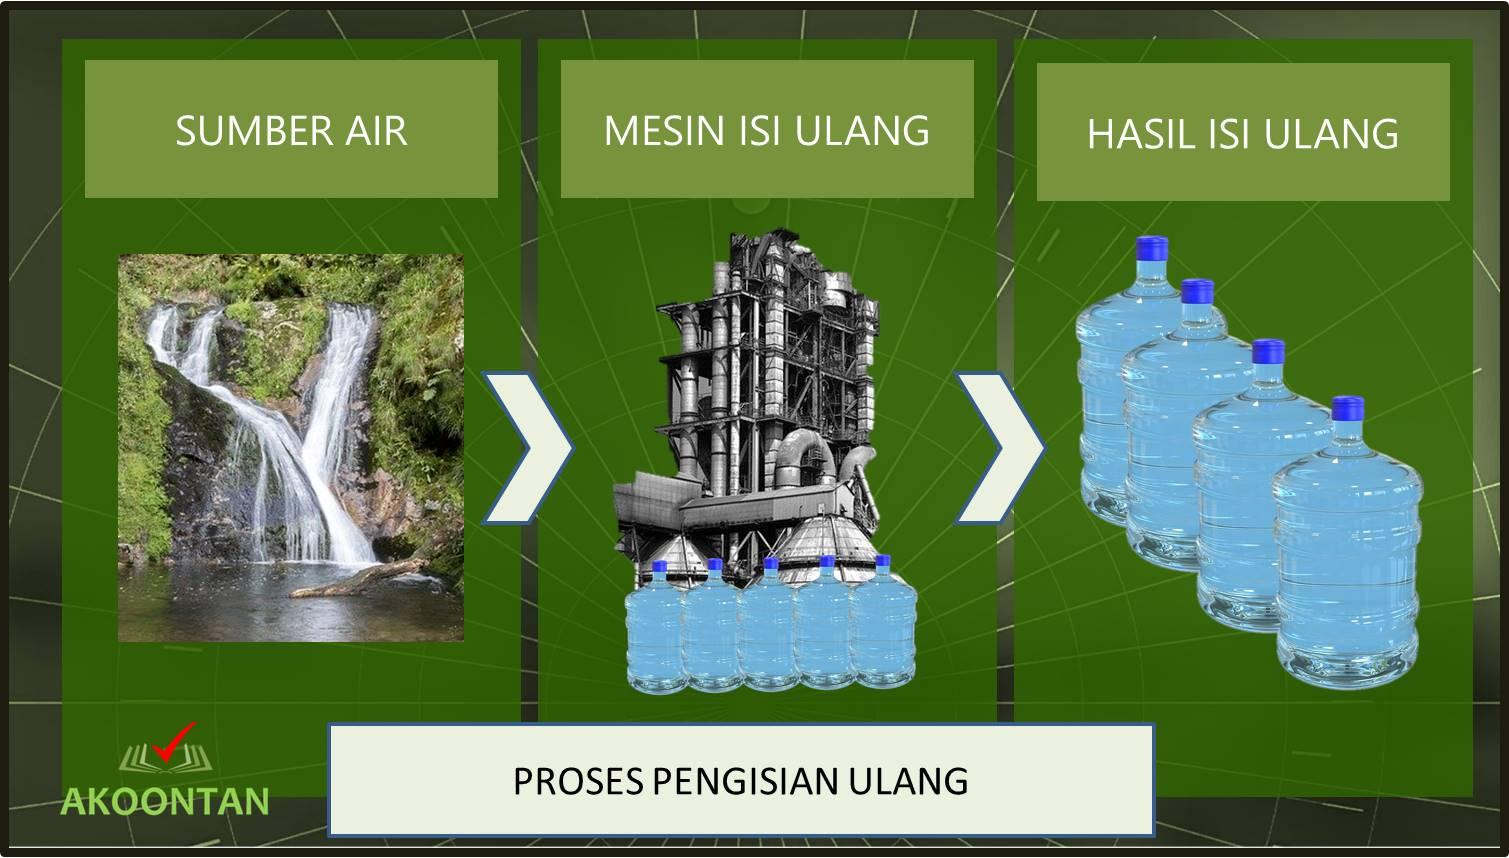 Proses Air Minum Isi Ulang dalam Galon